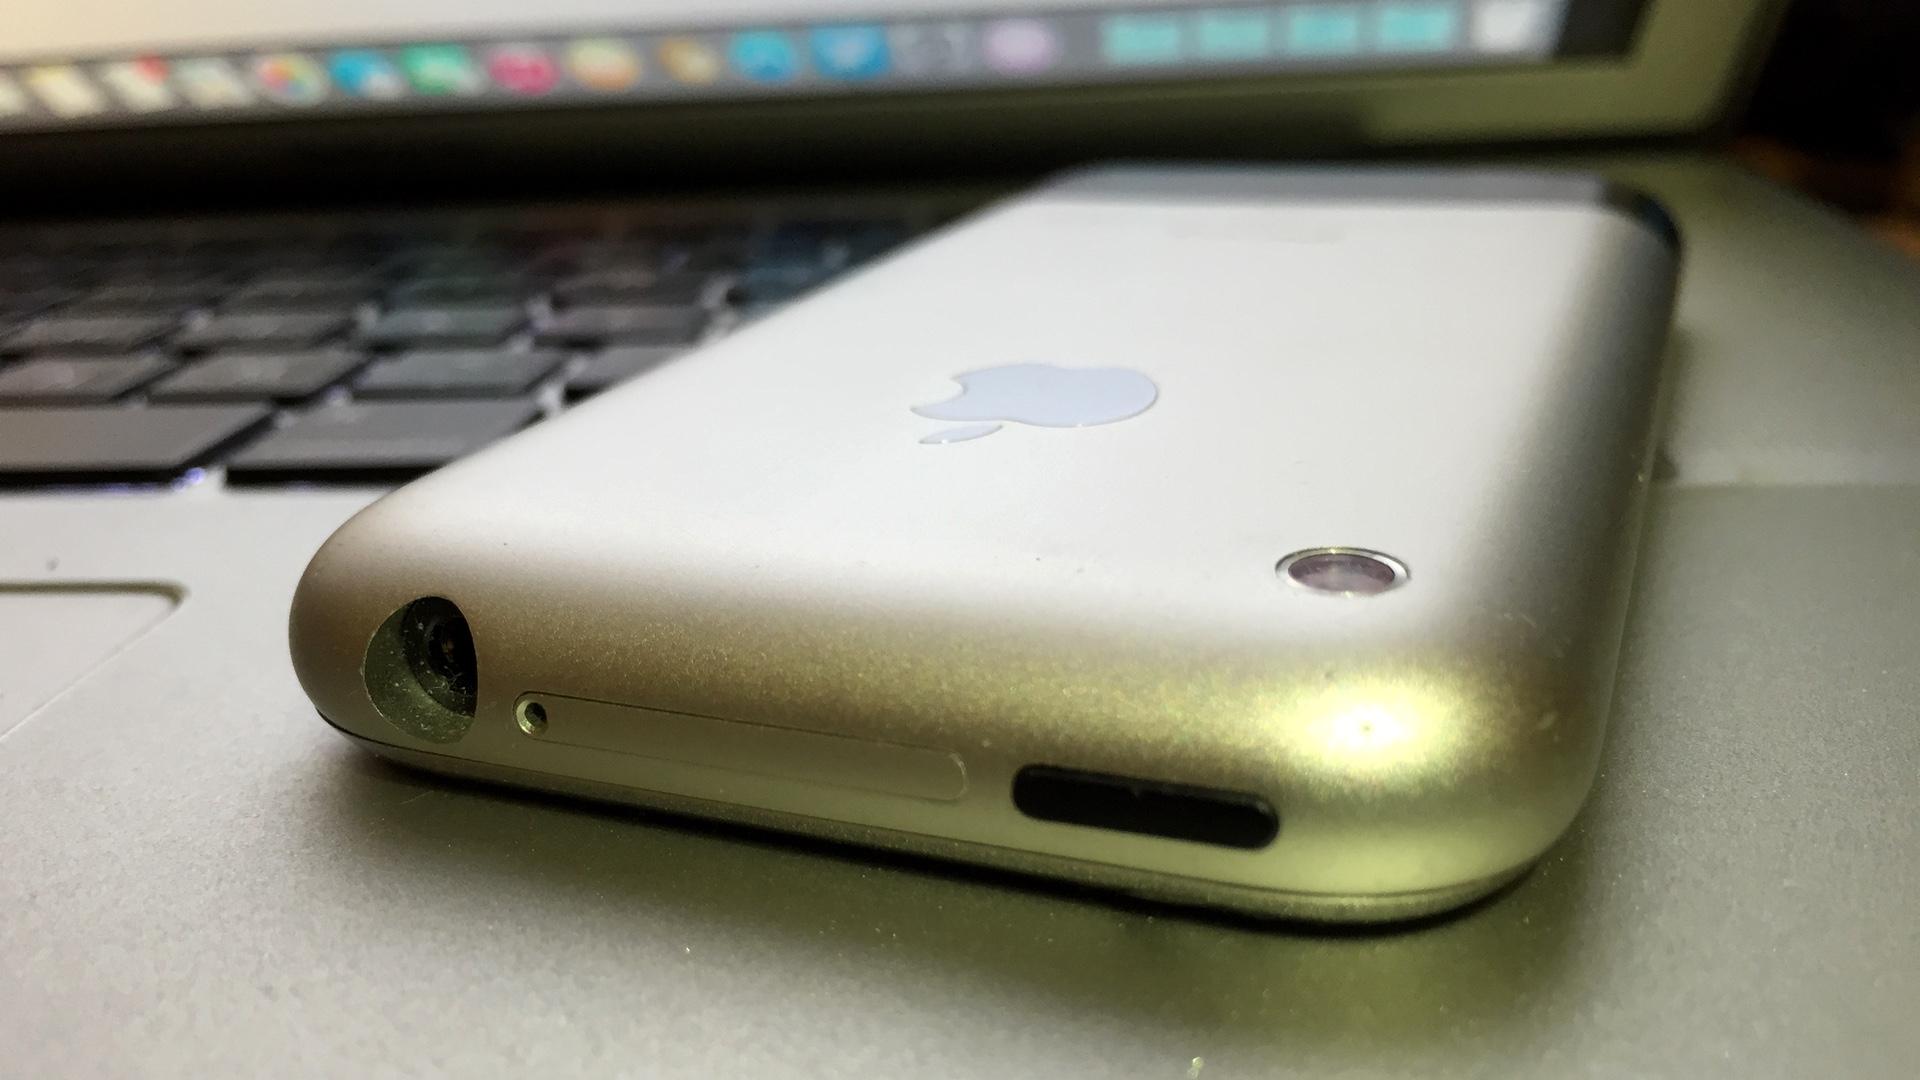 An Original iPhone